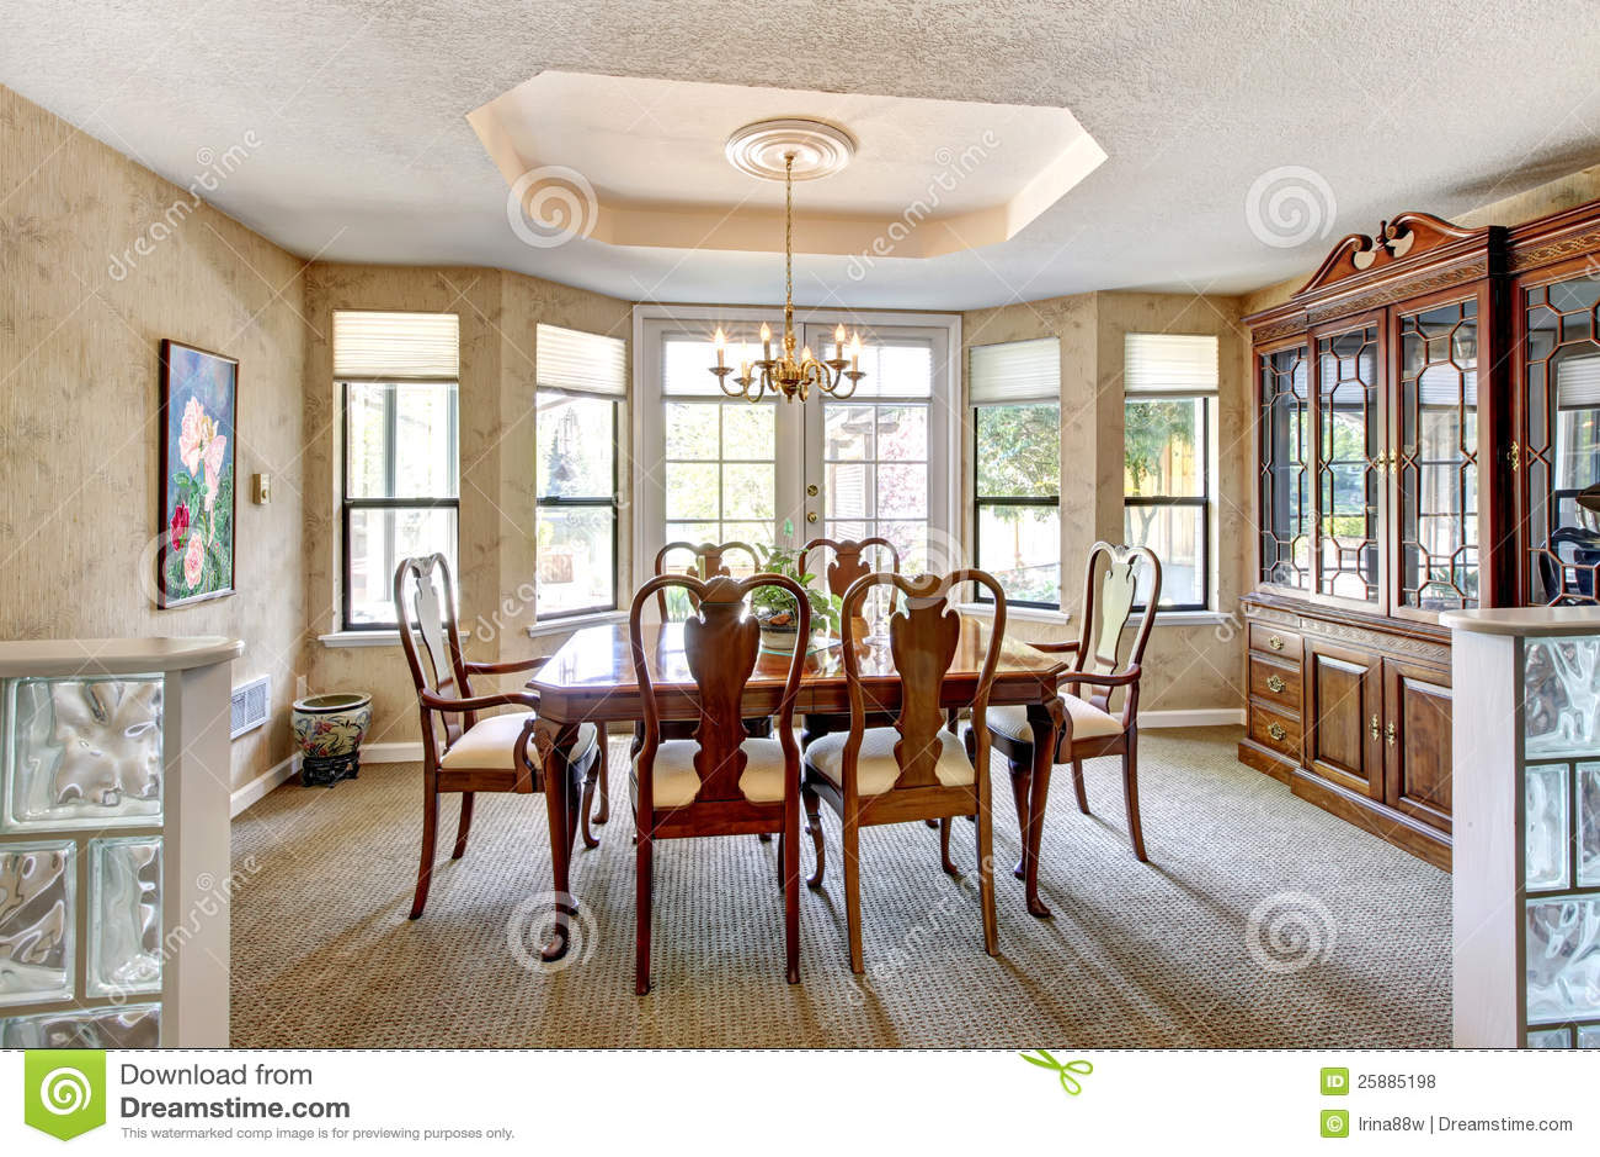 Comedor elegante con muebles antiguos for Muebles de comedor elegantes